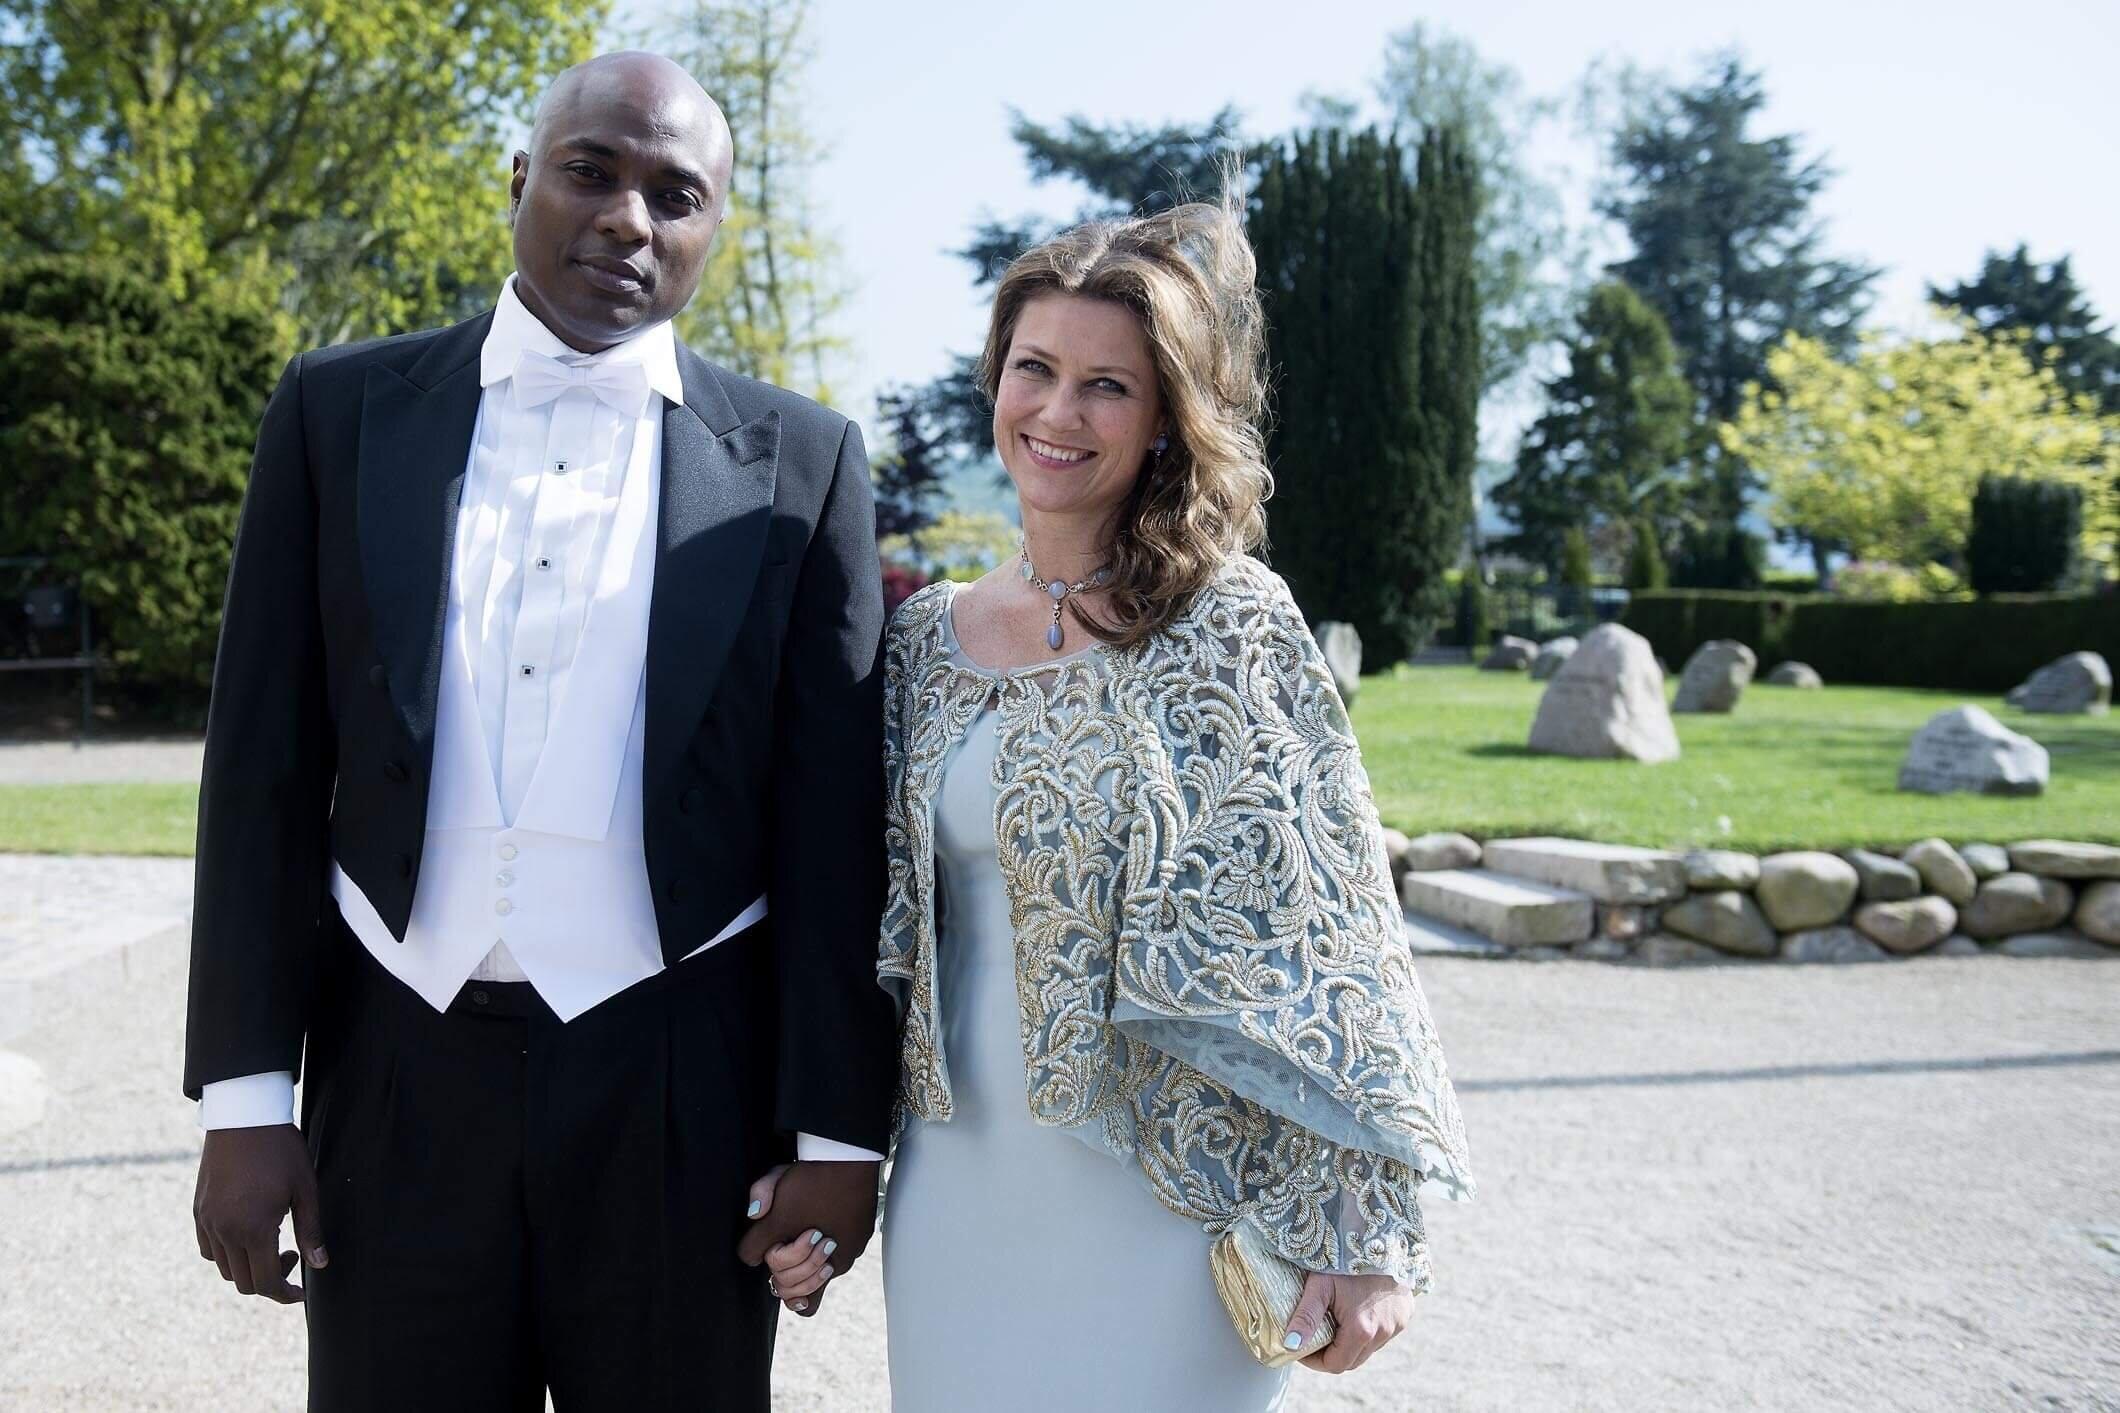 Prinzessin Märtha Louise und der Schamane Durek Verrett machten ihre Liebe im Mai 2019 öffentlich. © picture alliance/Ritzau Scanpix